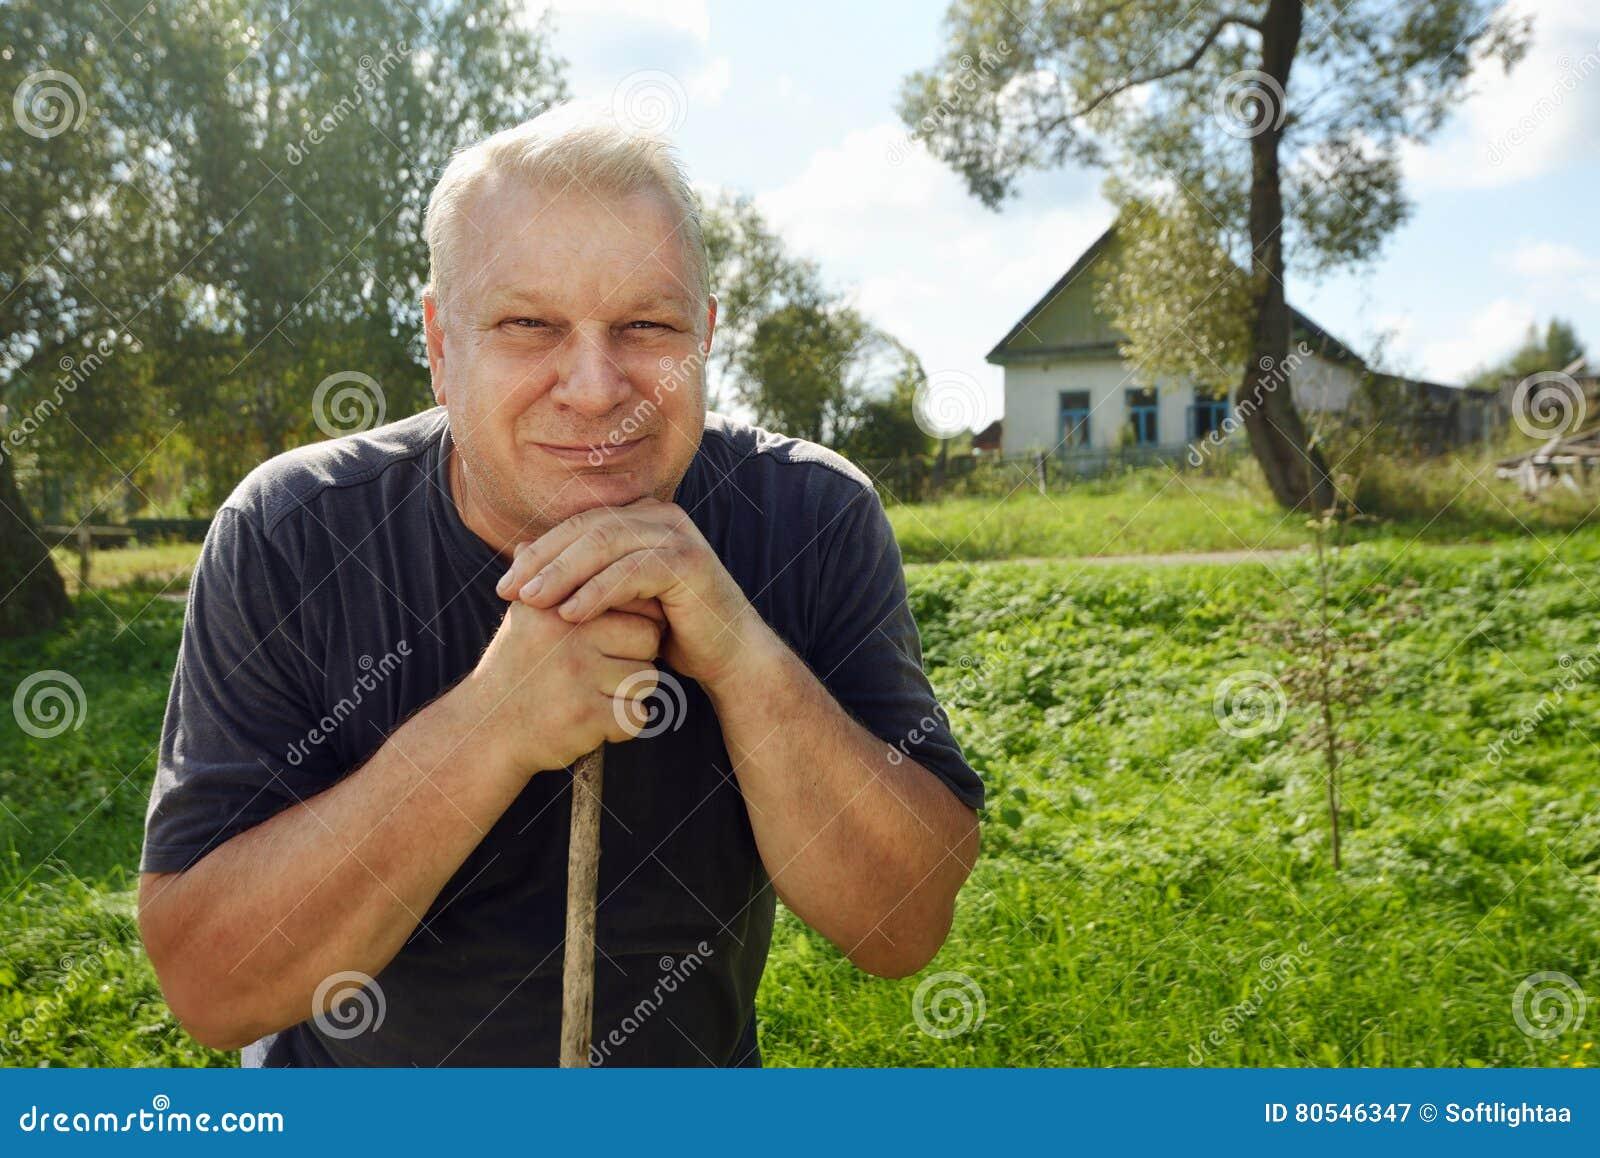 Портрет счастливого сельского пожилого человека с серыми волосами